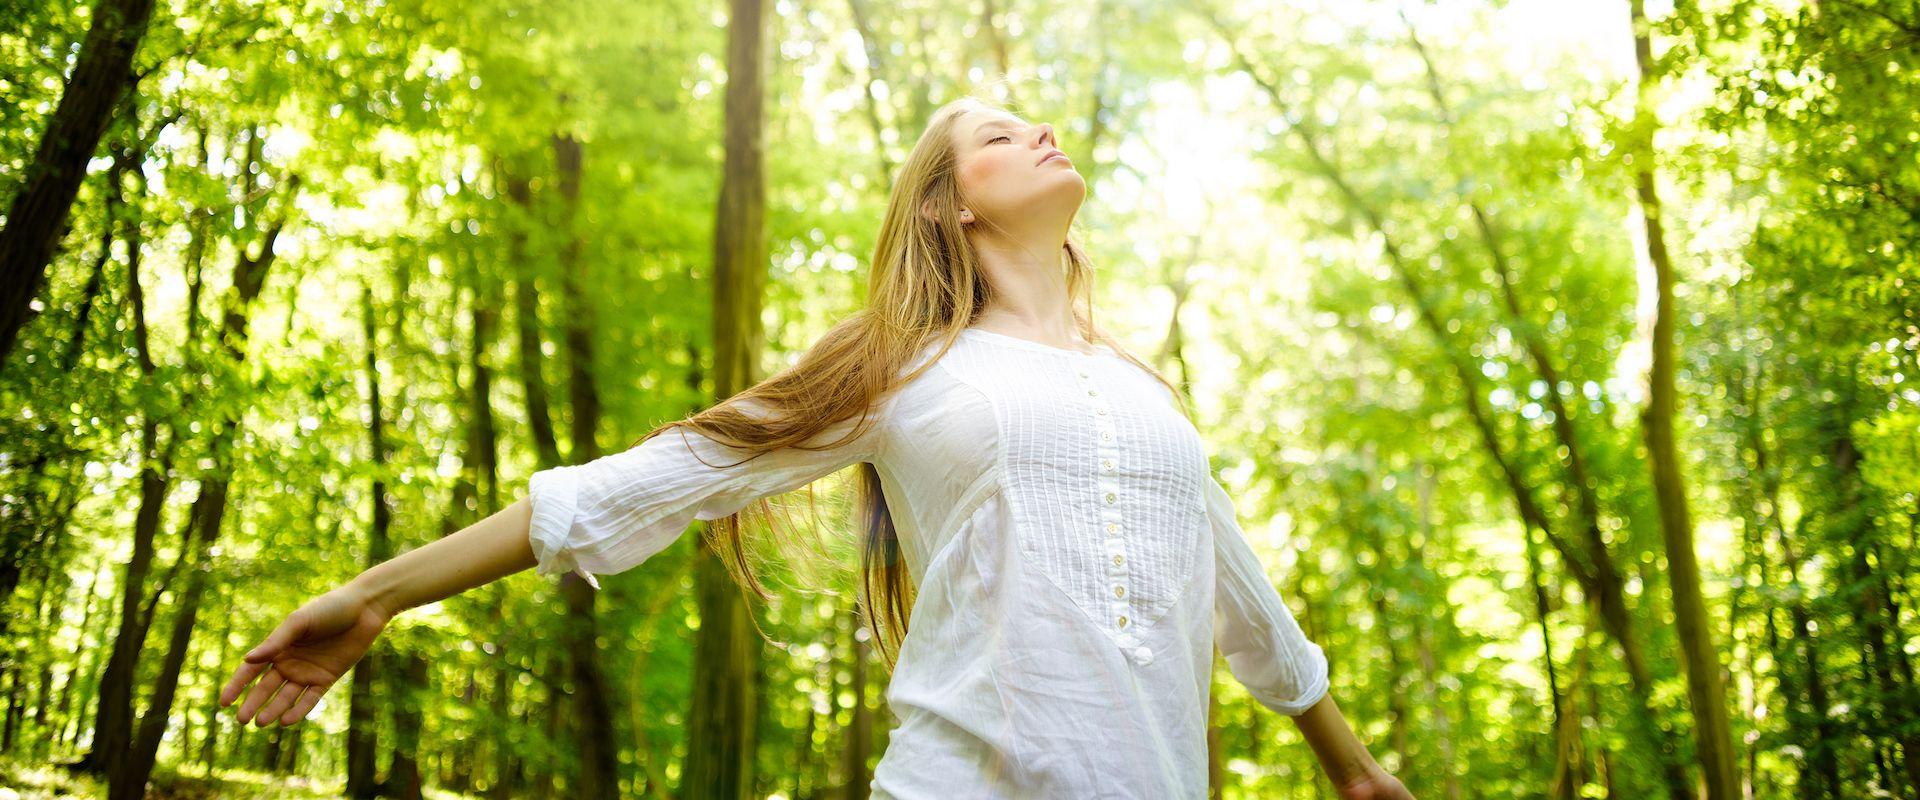 Retiros saludables en la naturaleza